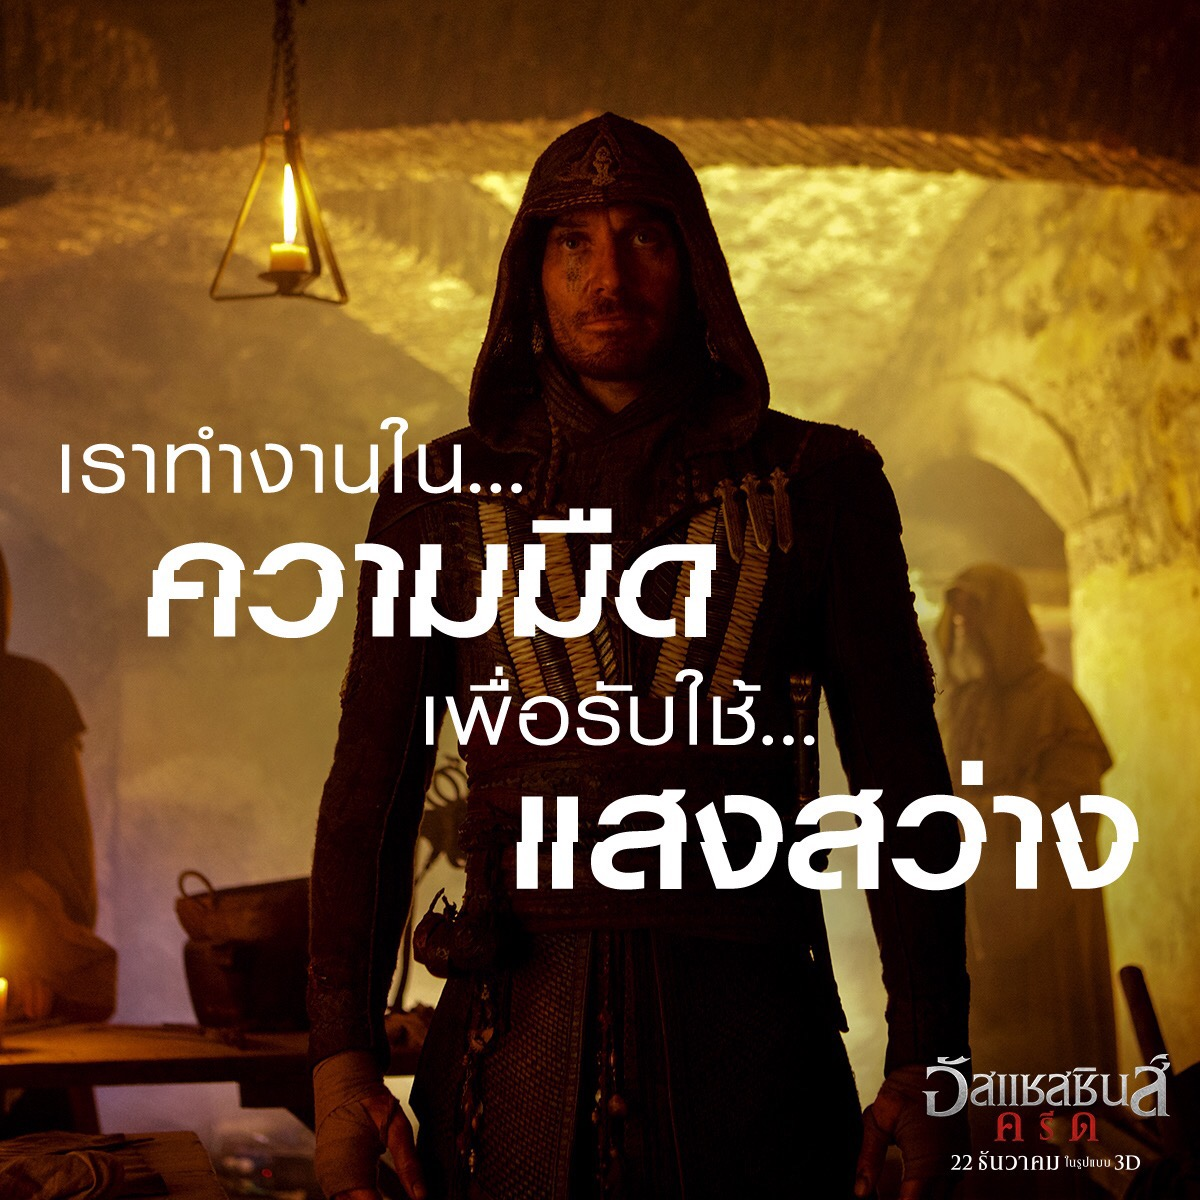 สองคลิปมาใหม่ห้ามพลาด Assassin's Creed เข้าฉาย 22 ธันวาคมนี้ในโรงภาพยนตร์